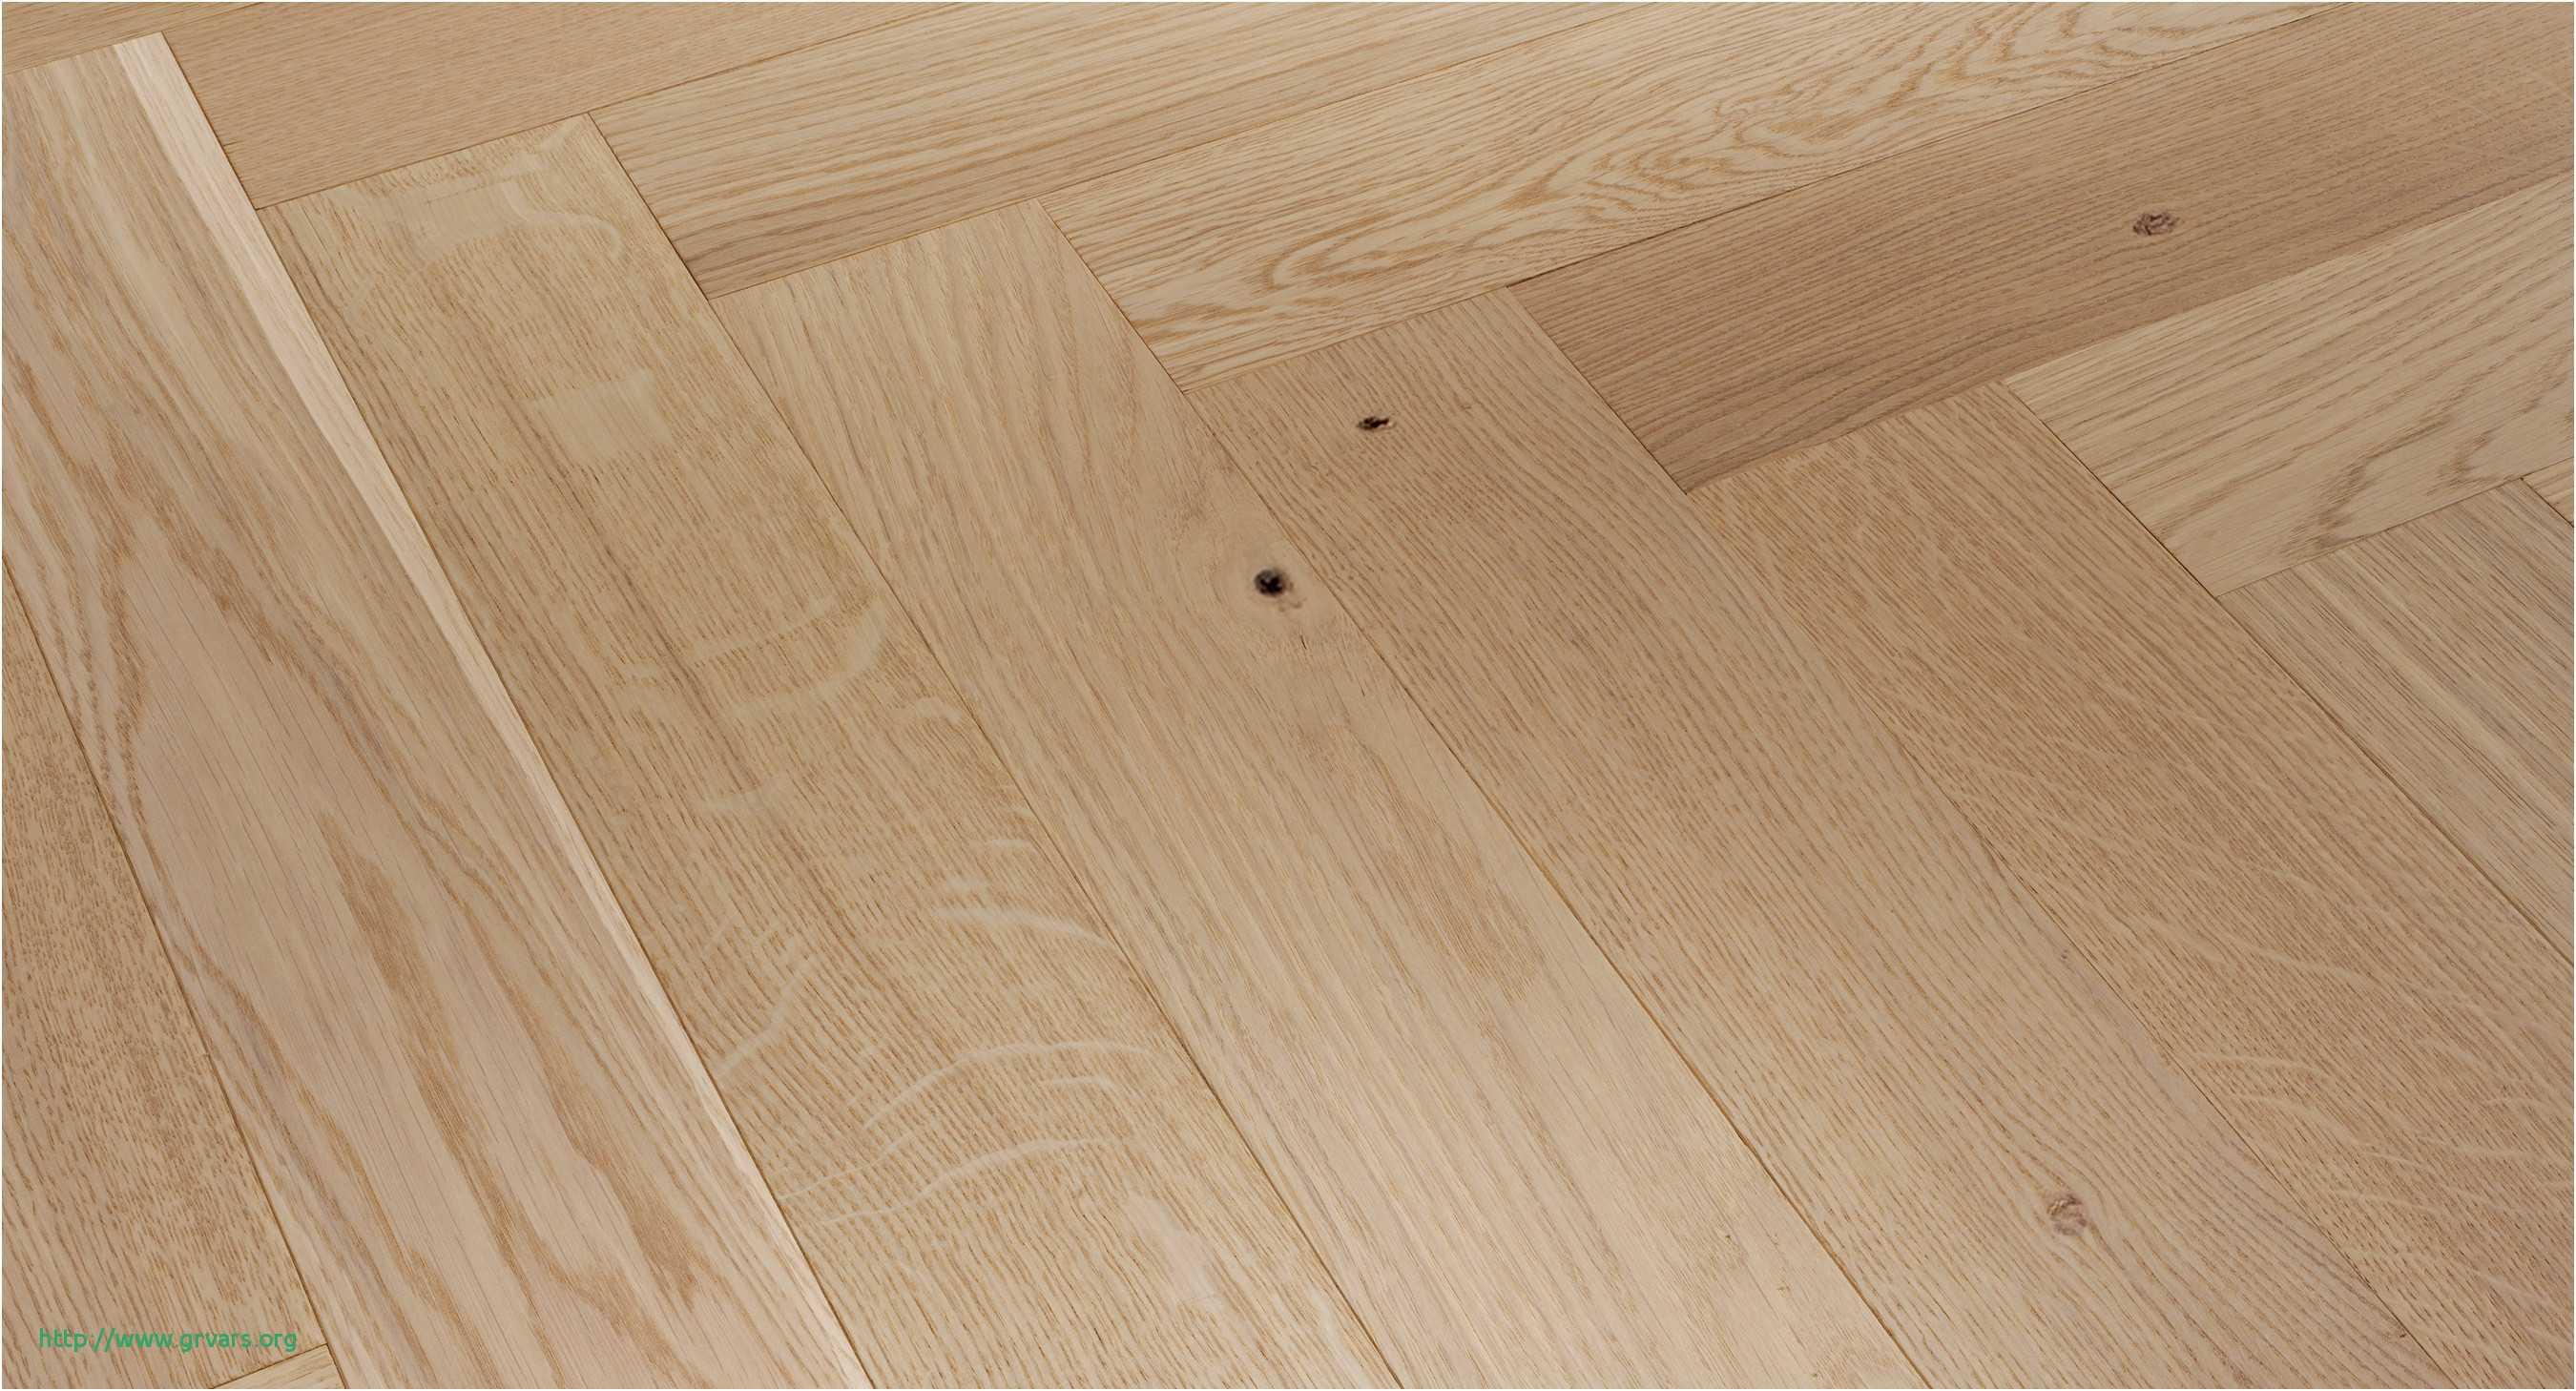 cheap hardwood flooring near me of 15 luxe hardwood flooring in massachusetts ideas blog for flooring near me flooring sale near me stock 0d grace place barnegat nj